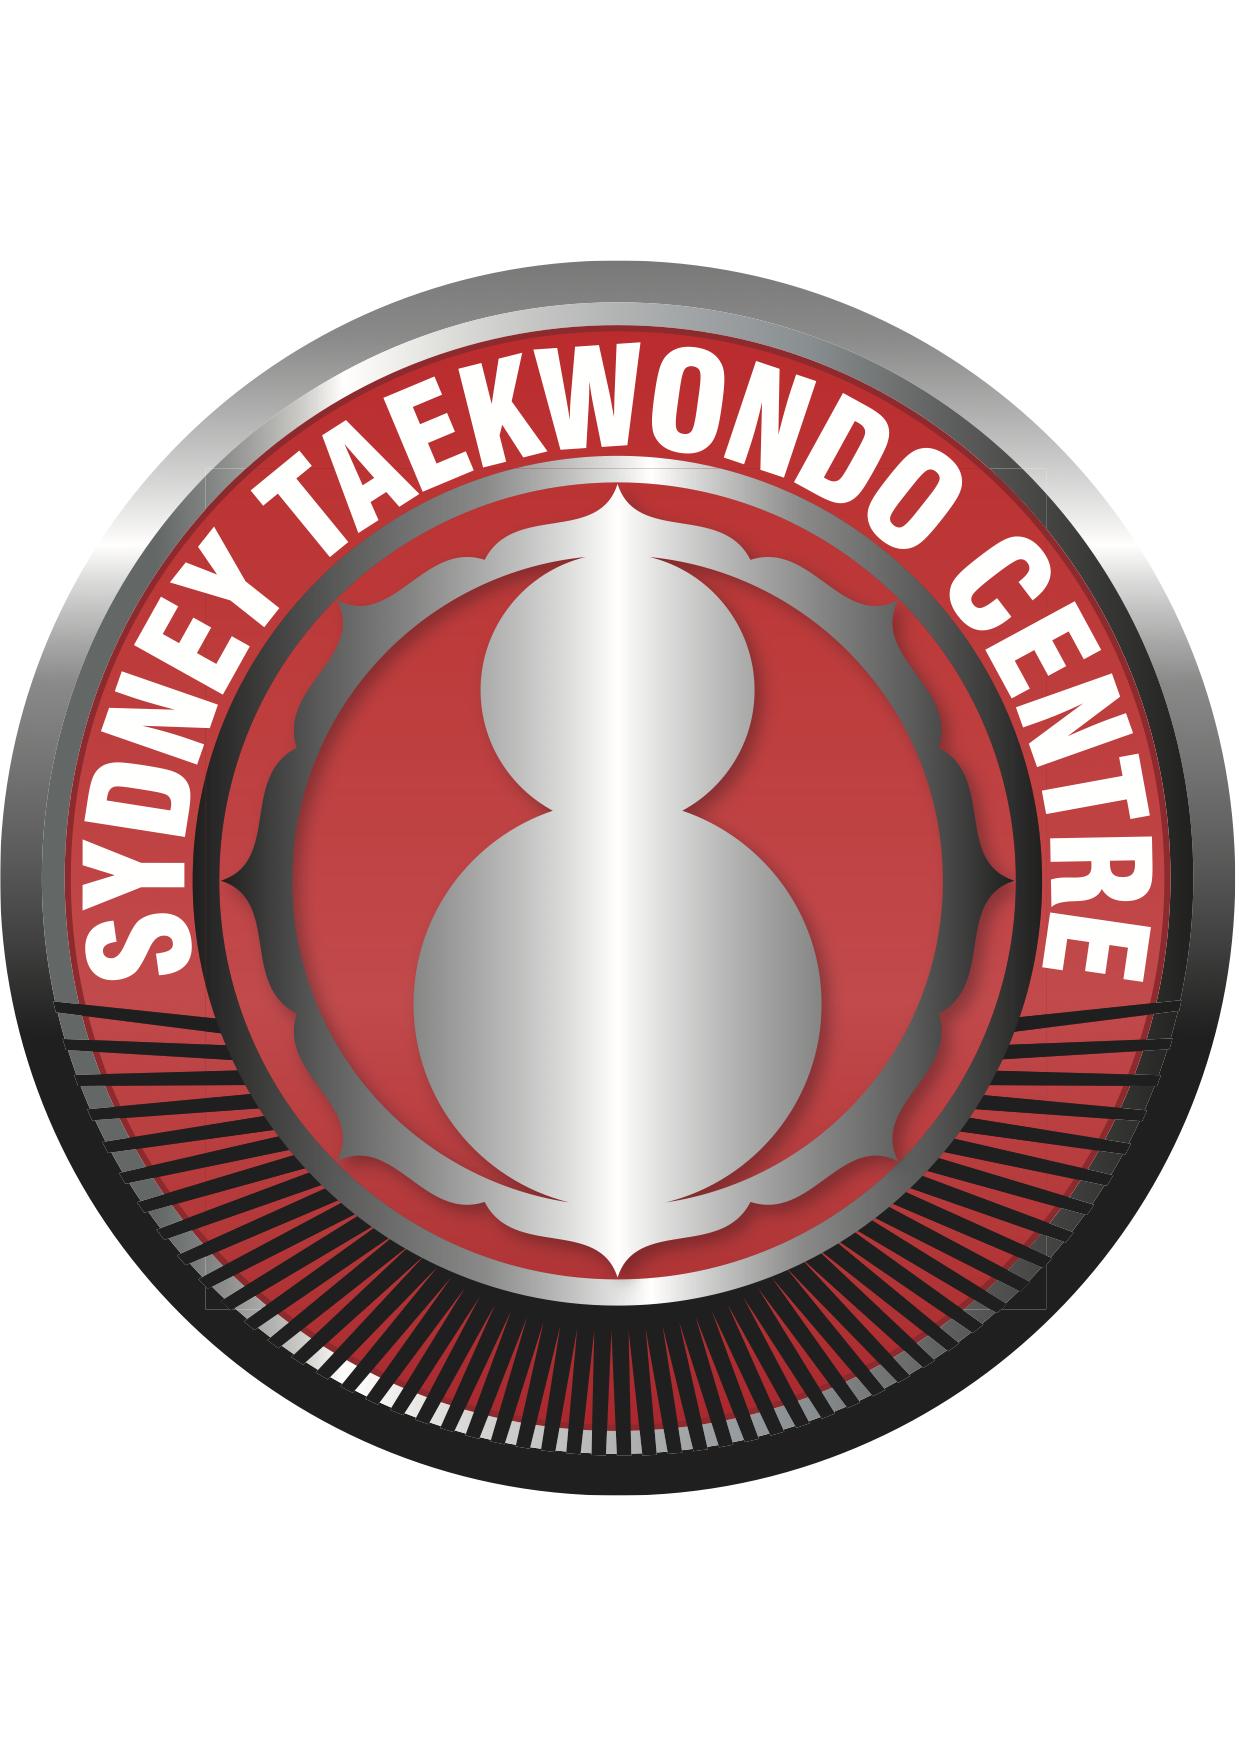 Sydney Taekwondo Centre